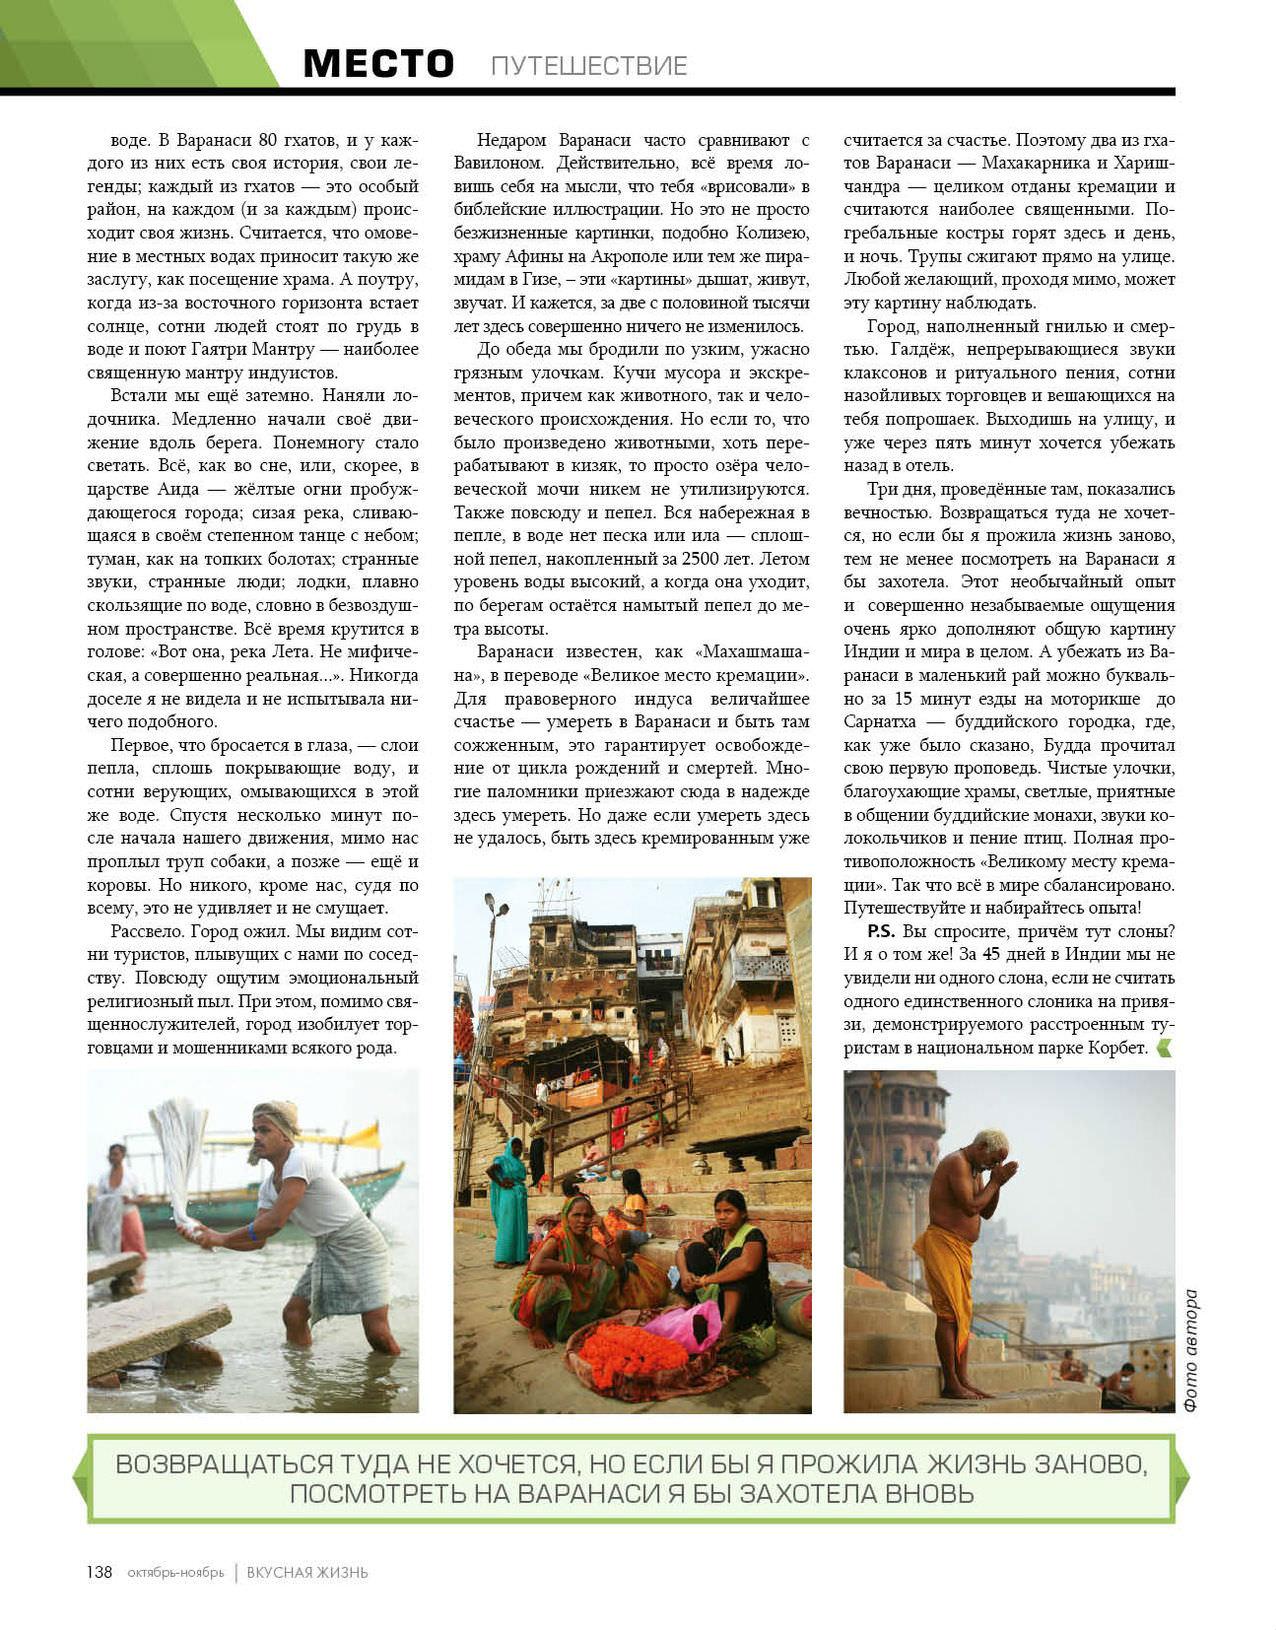 Статья в журнале Вкусная жизнь октябрь/ноябрь 2011